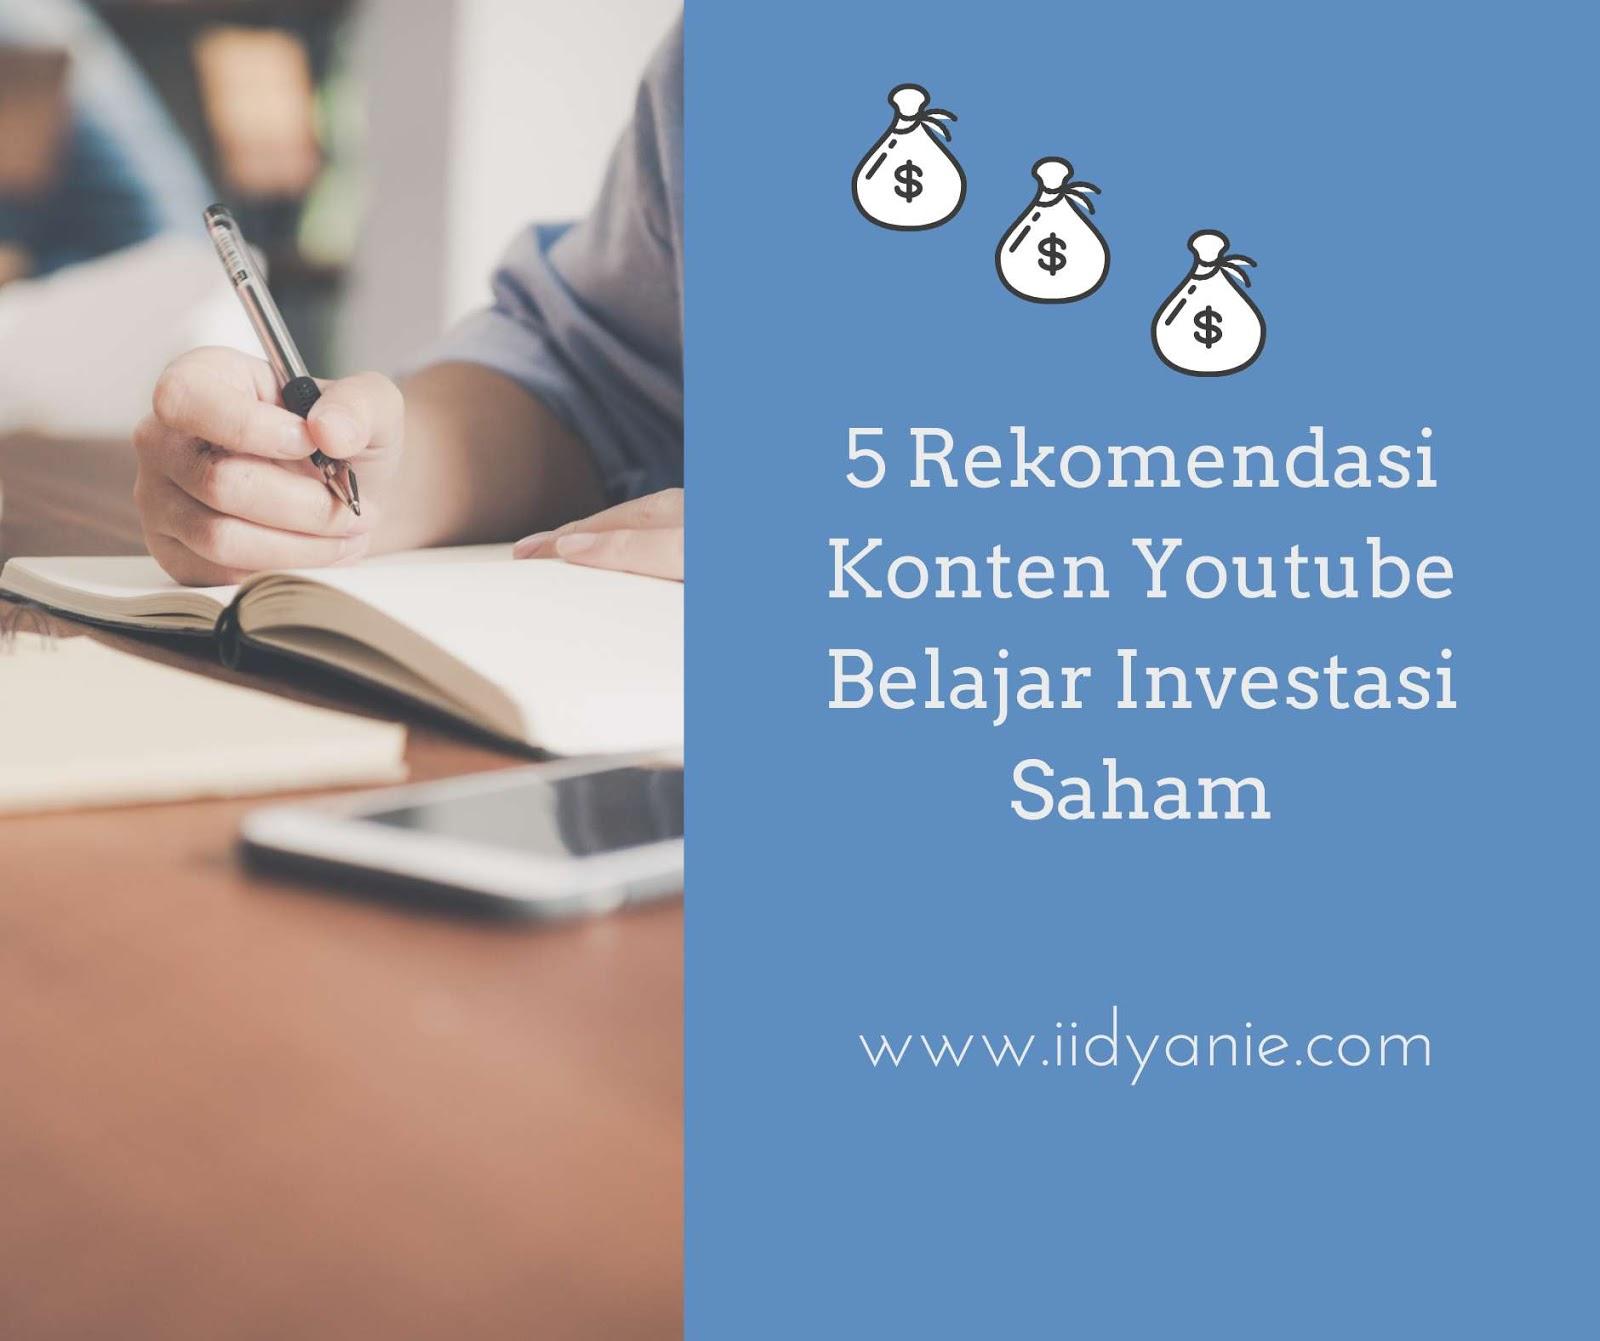 rekomendasi konten youtube belajar investasi saham